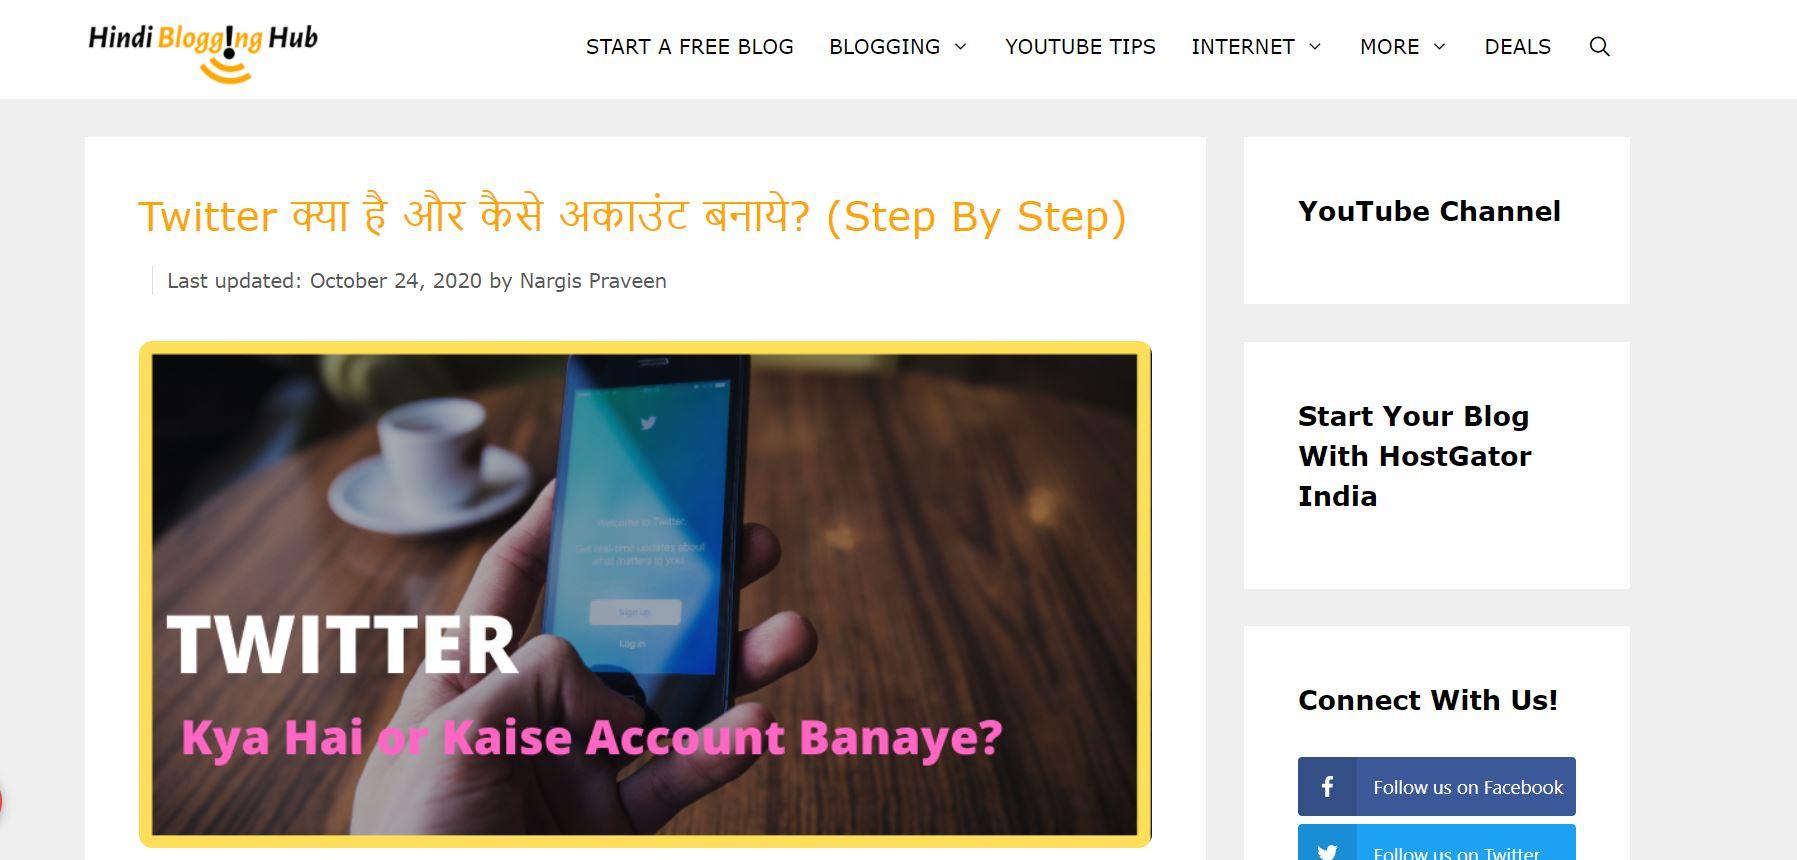 Hindi Blogging Hub